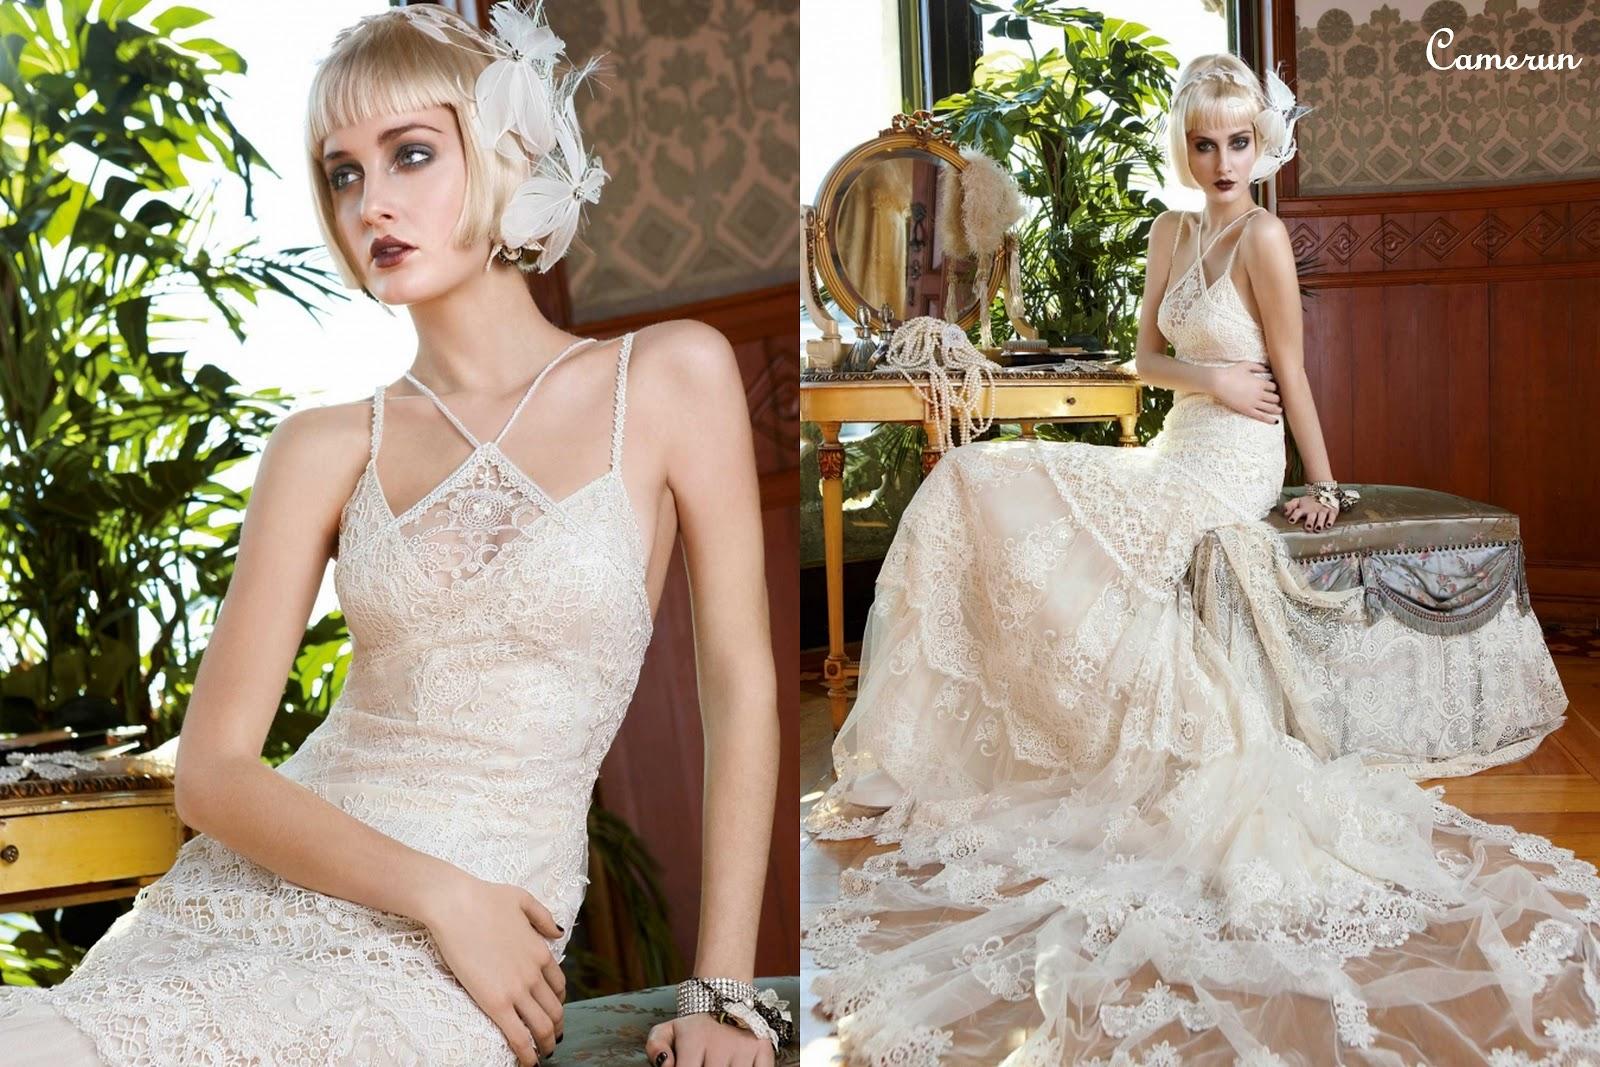 Vintage Bridal Wear by YolanCris - Girl Fashion Style